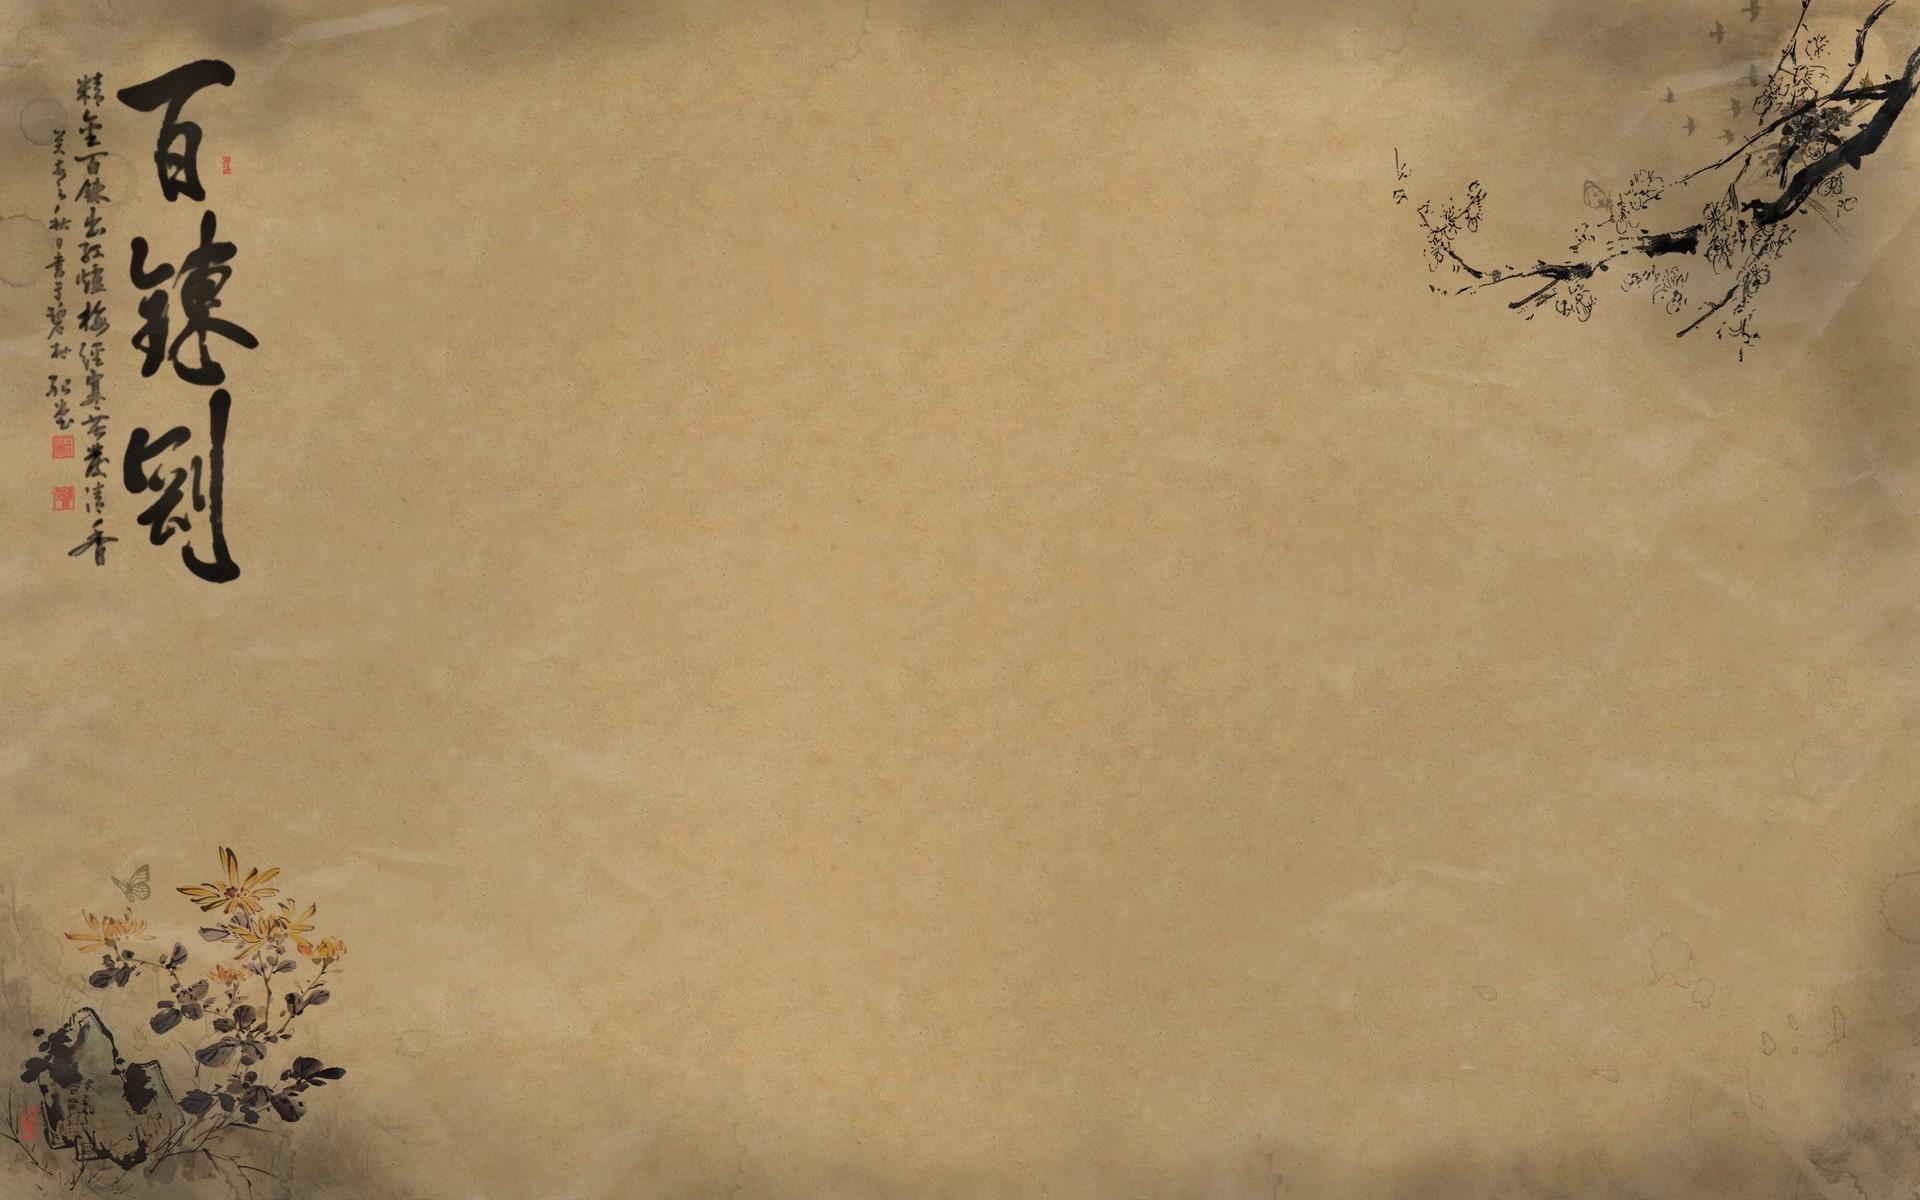 wallpopercomwallpaperchina backgrounds 411247 1920x1200